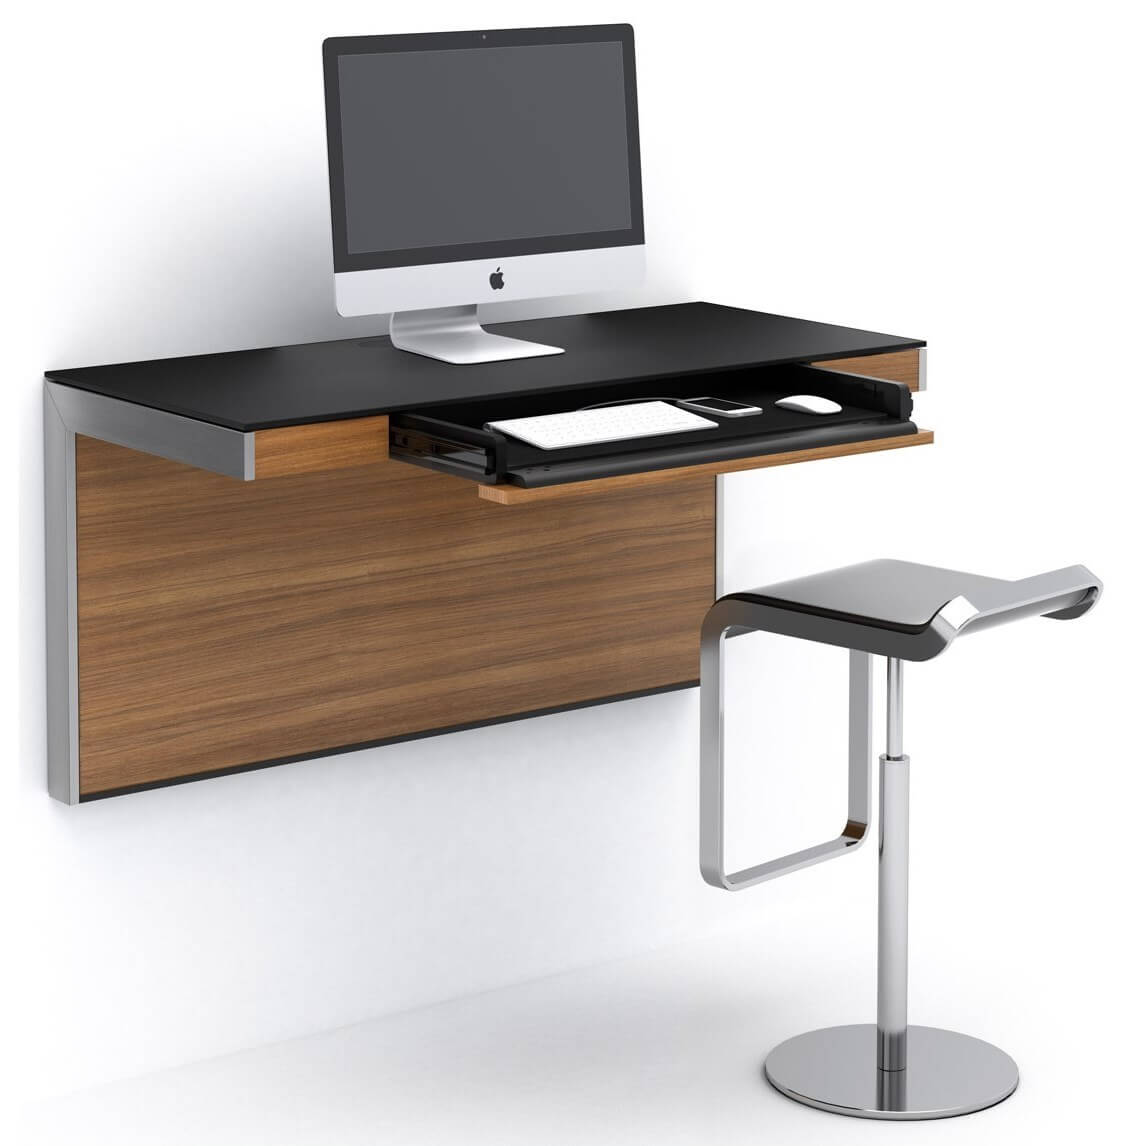 podvesnoj-kompyuternyj-stol (15)